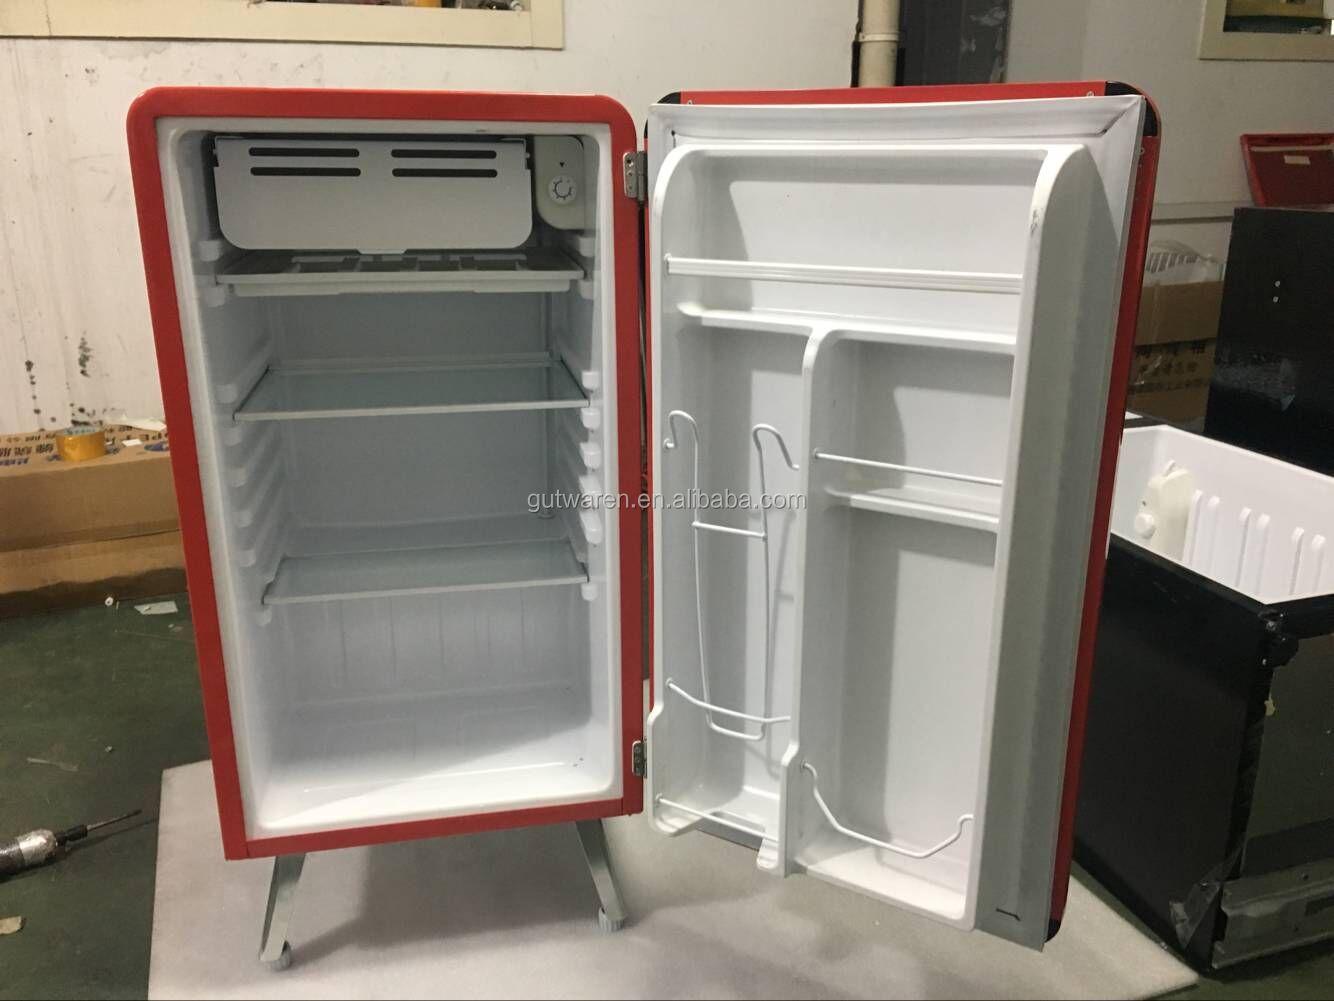 Smeg Kühlschrank Schwarz : Bd antike retro kühlschrank doppel tür mini kühlschrank smeg